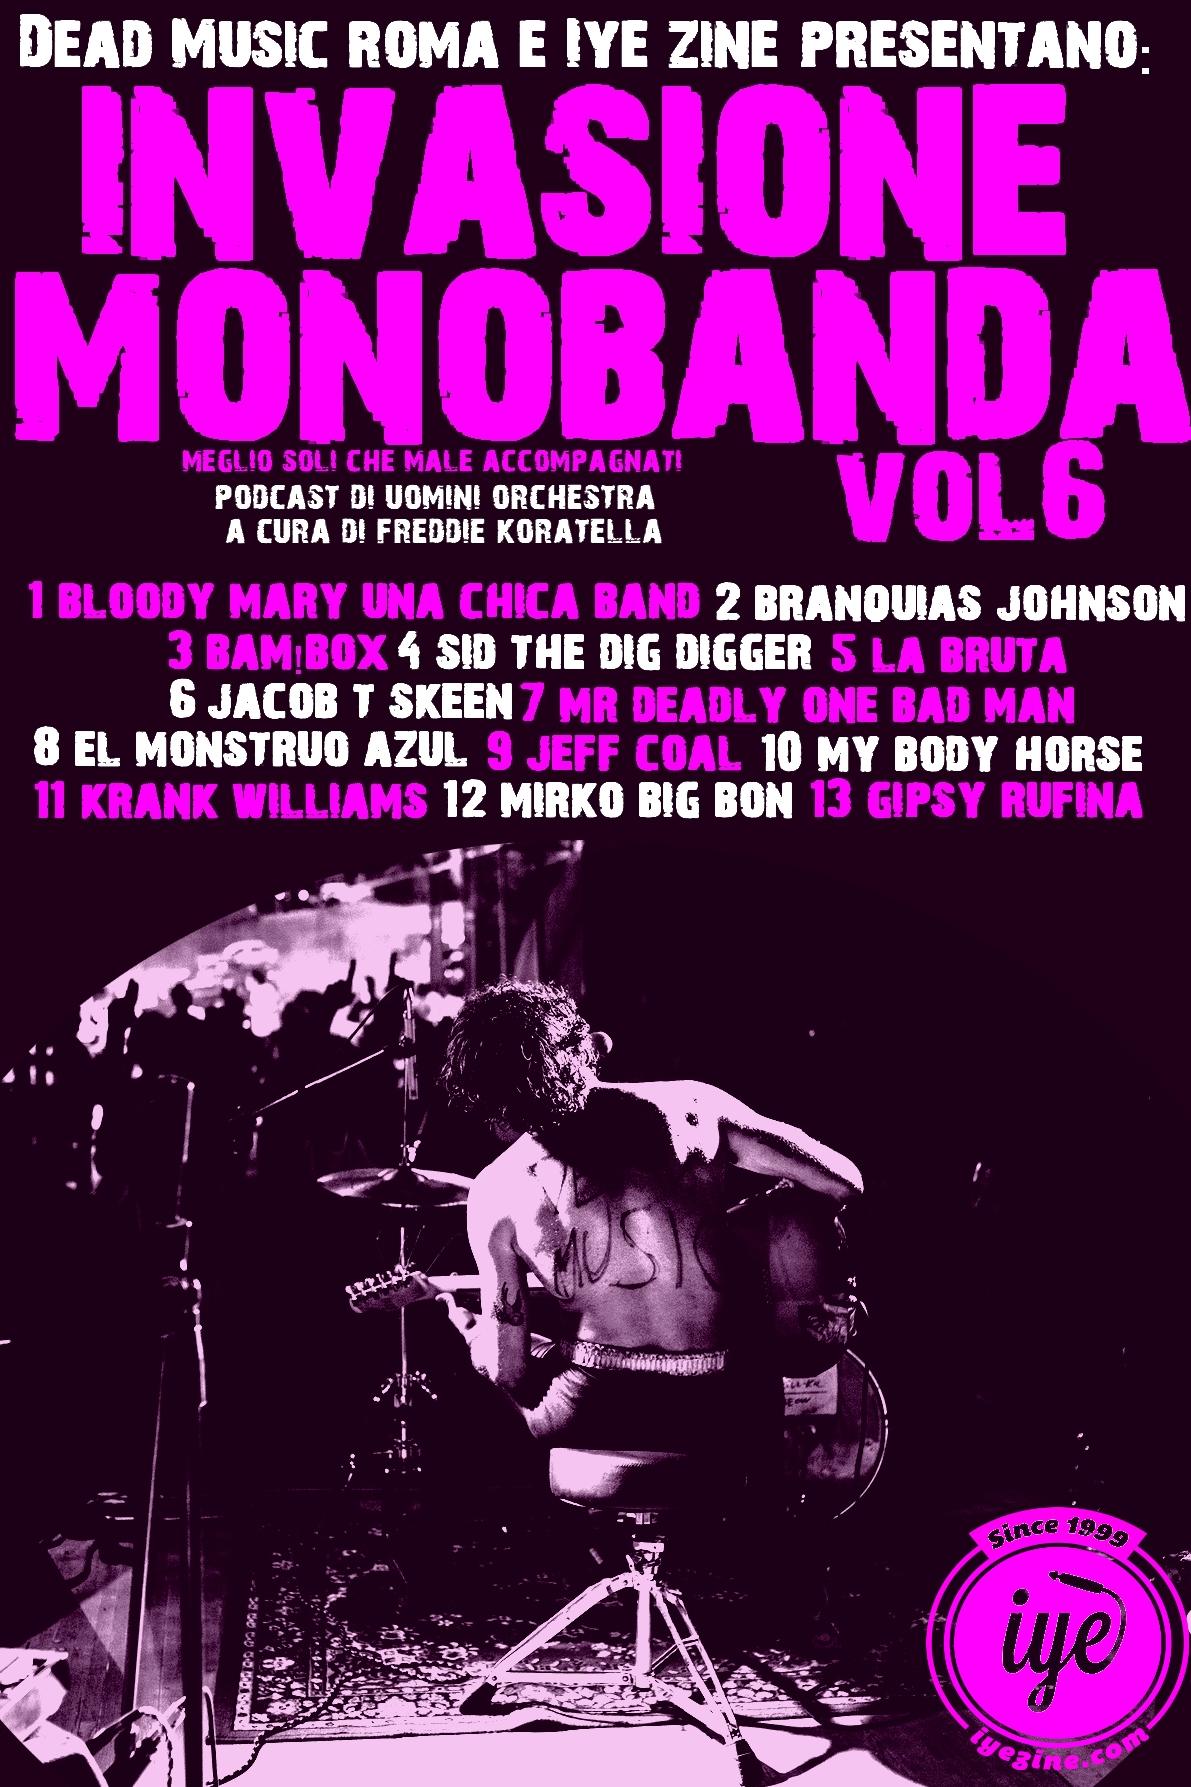 Invasione Monobanda vol. 6 2 Iyezine.com